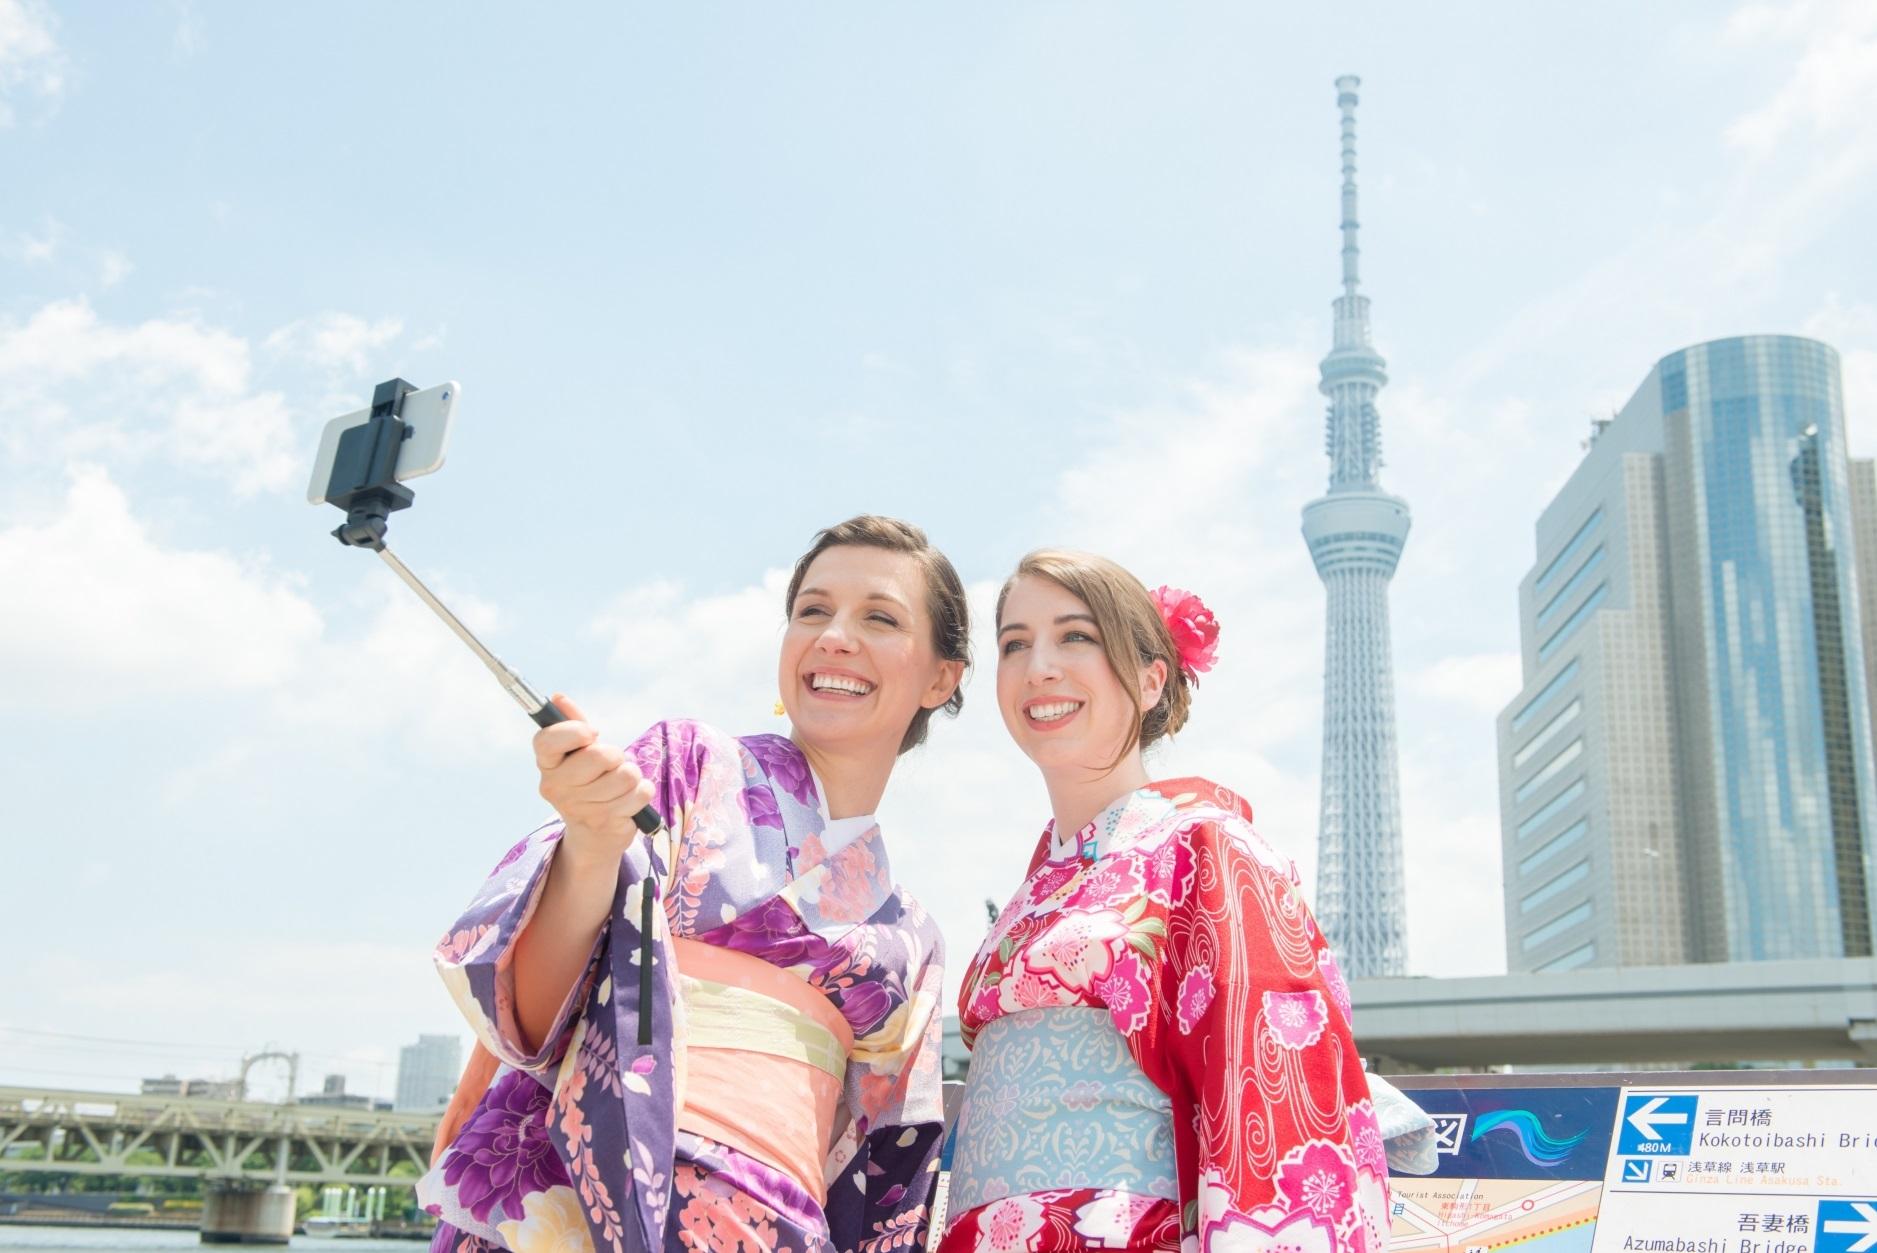 訪日外国人に人気な日本の人気スポット_スカイツリーをバックに自撮りする外国人